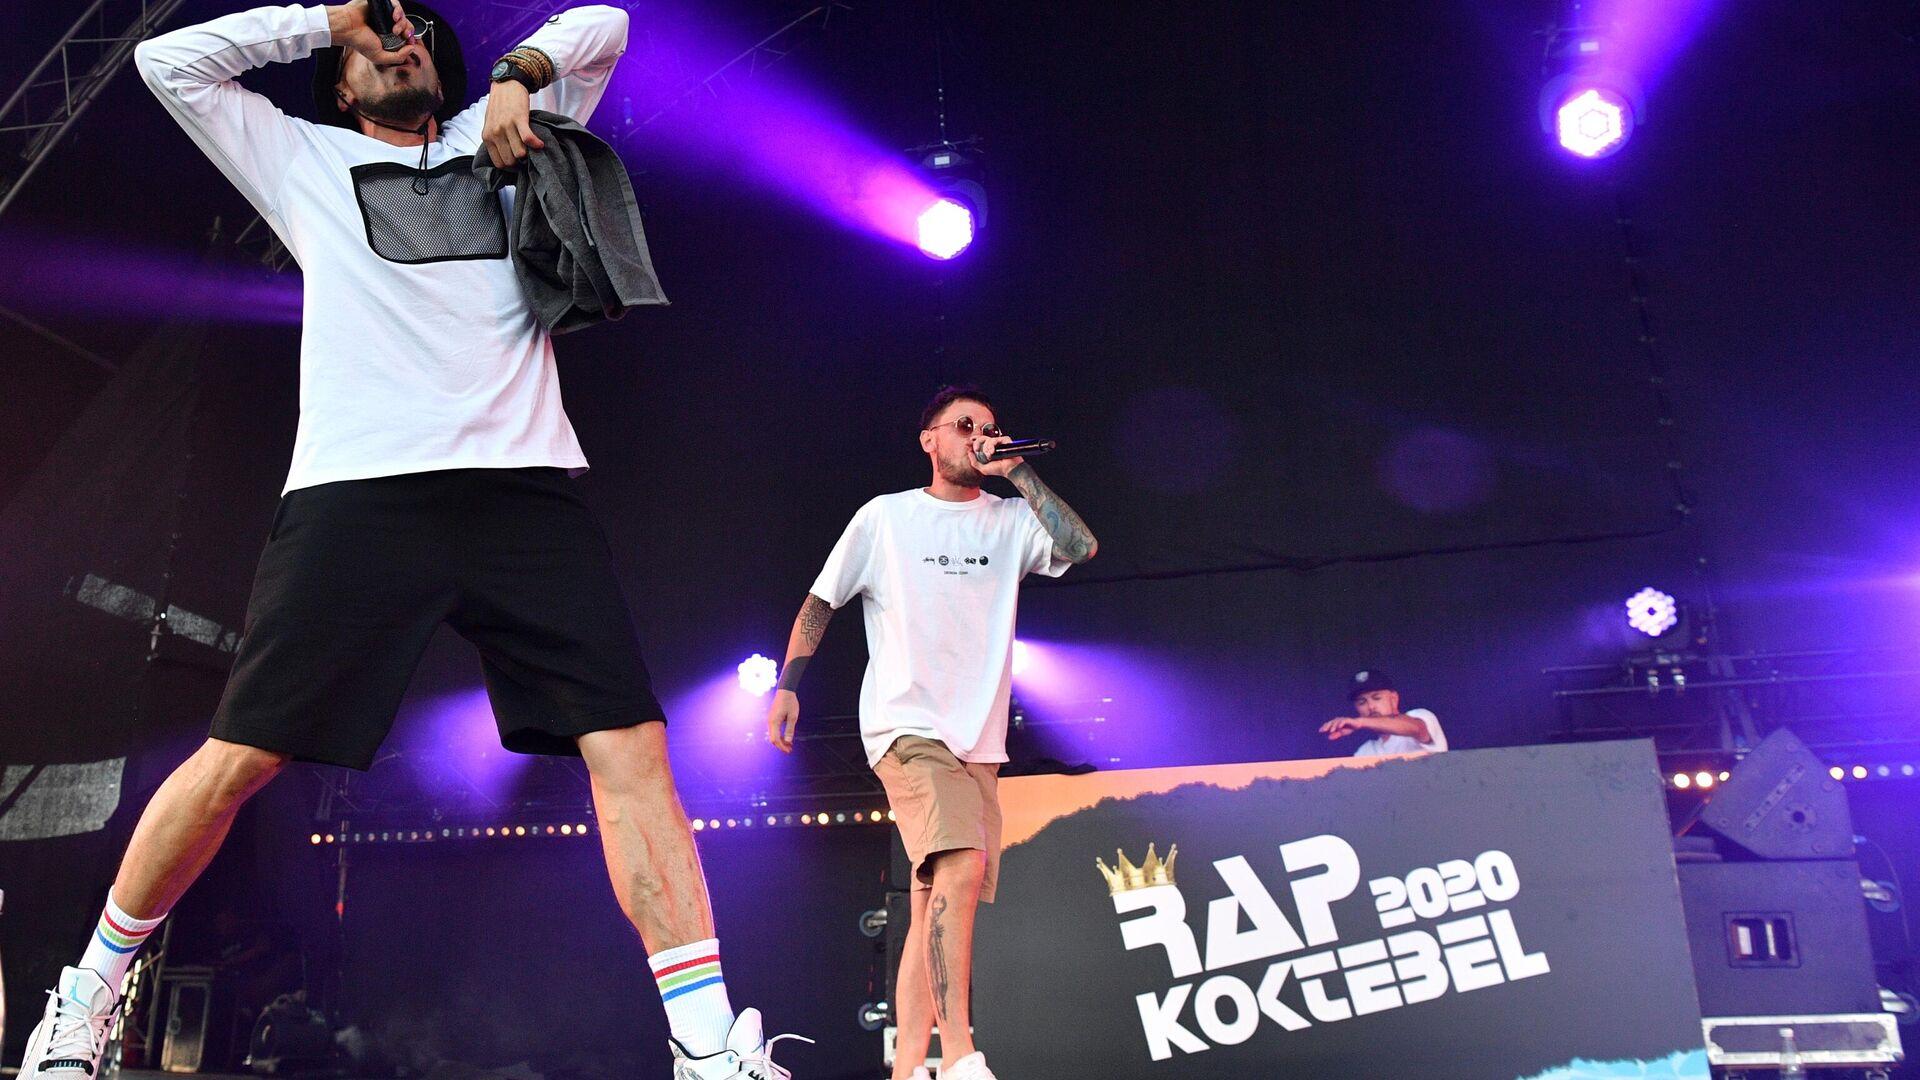 Участники группы Jungle Junkiez выступают на фестивале Rap Koktebel в Крыму - РИА Новости, 1920, 25.08.2020